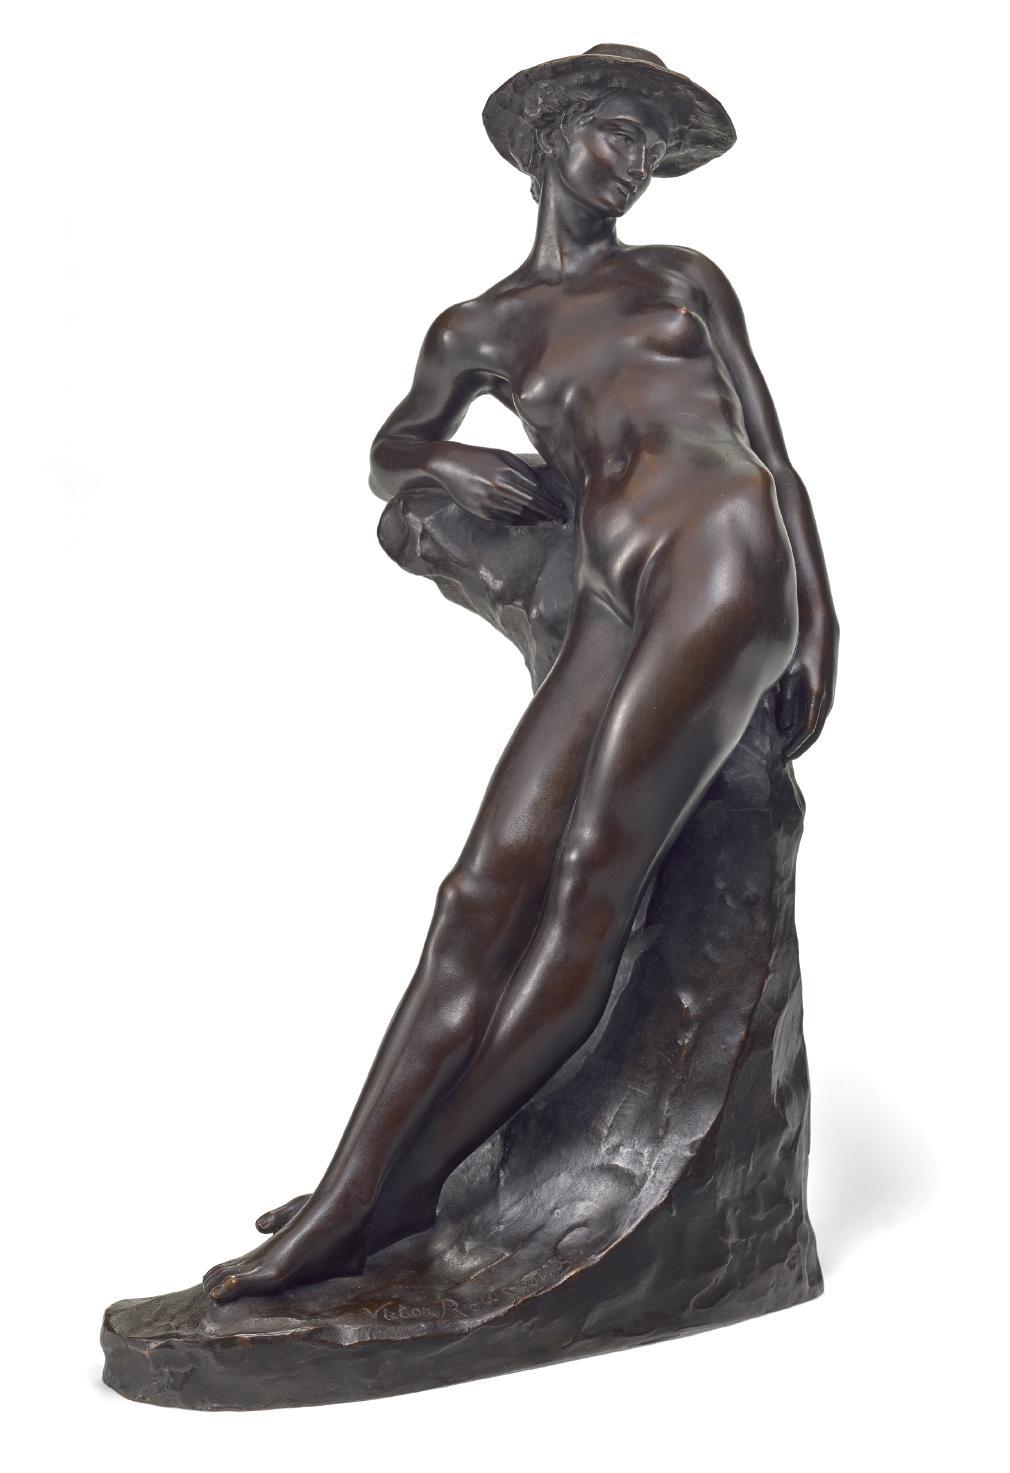 VICTOR ROUSSEAU | FEMME AU ROCHER (NUDE WOMAN IN A HAT)